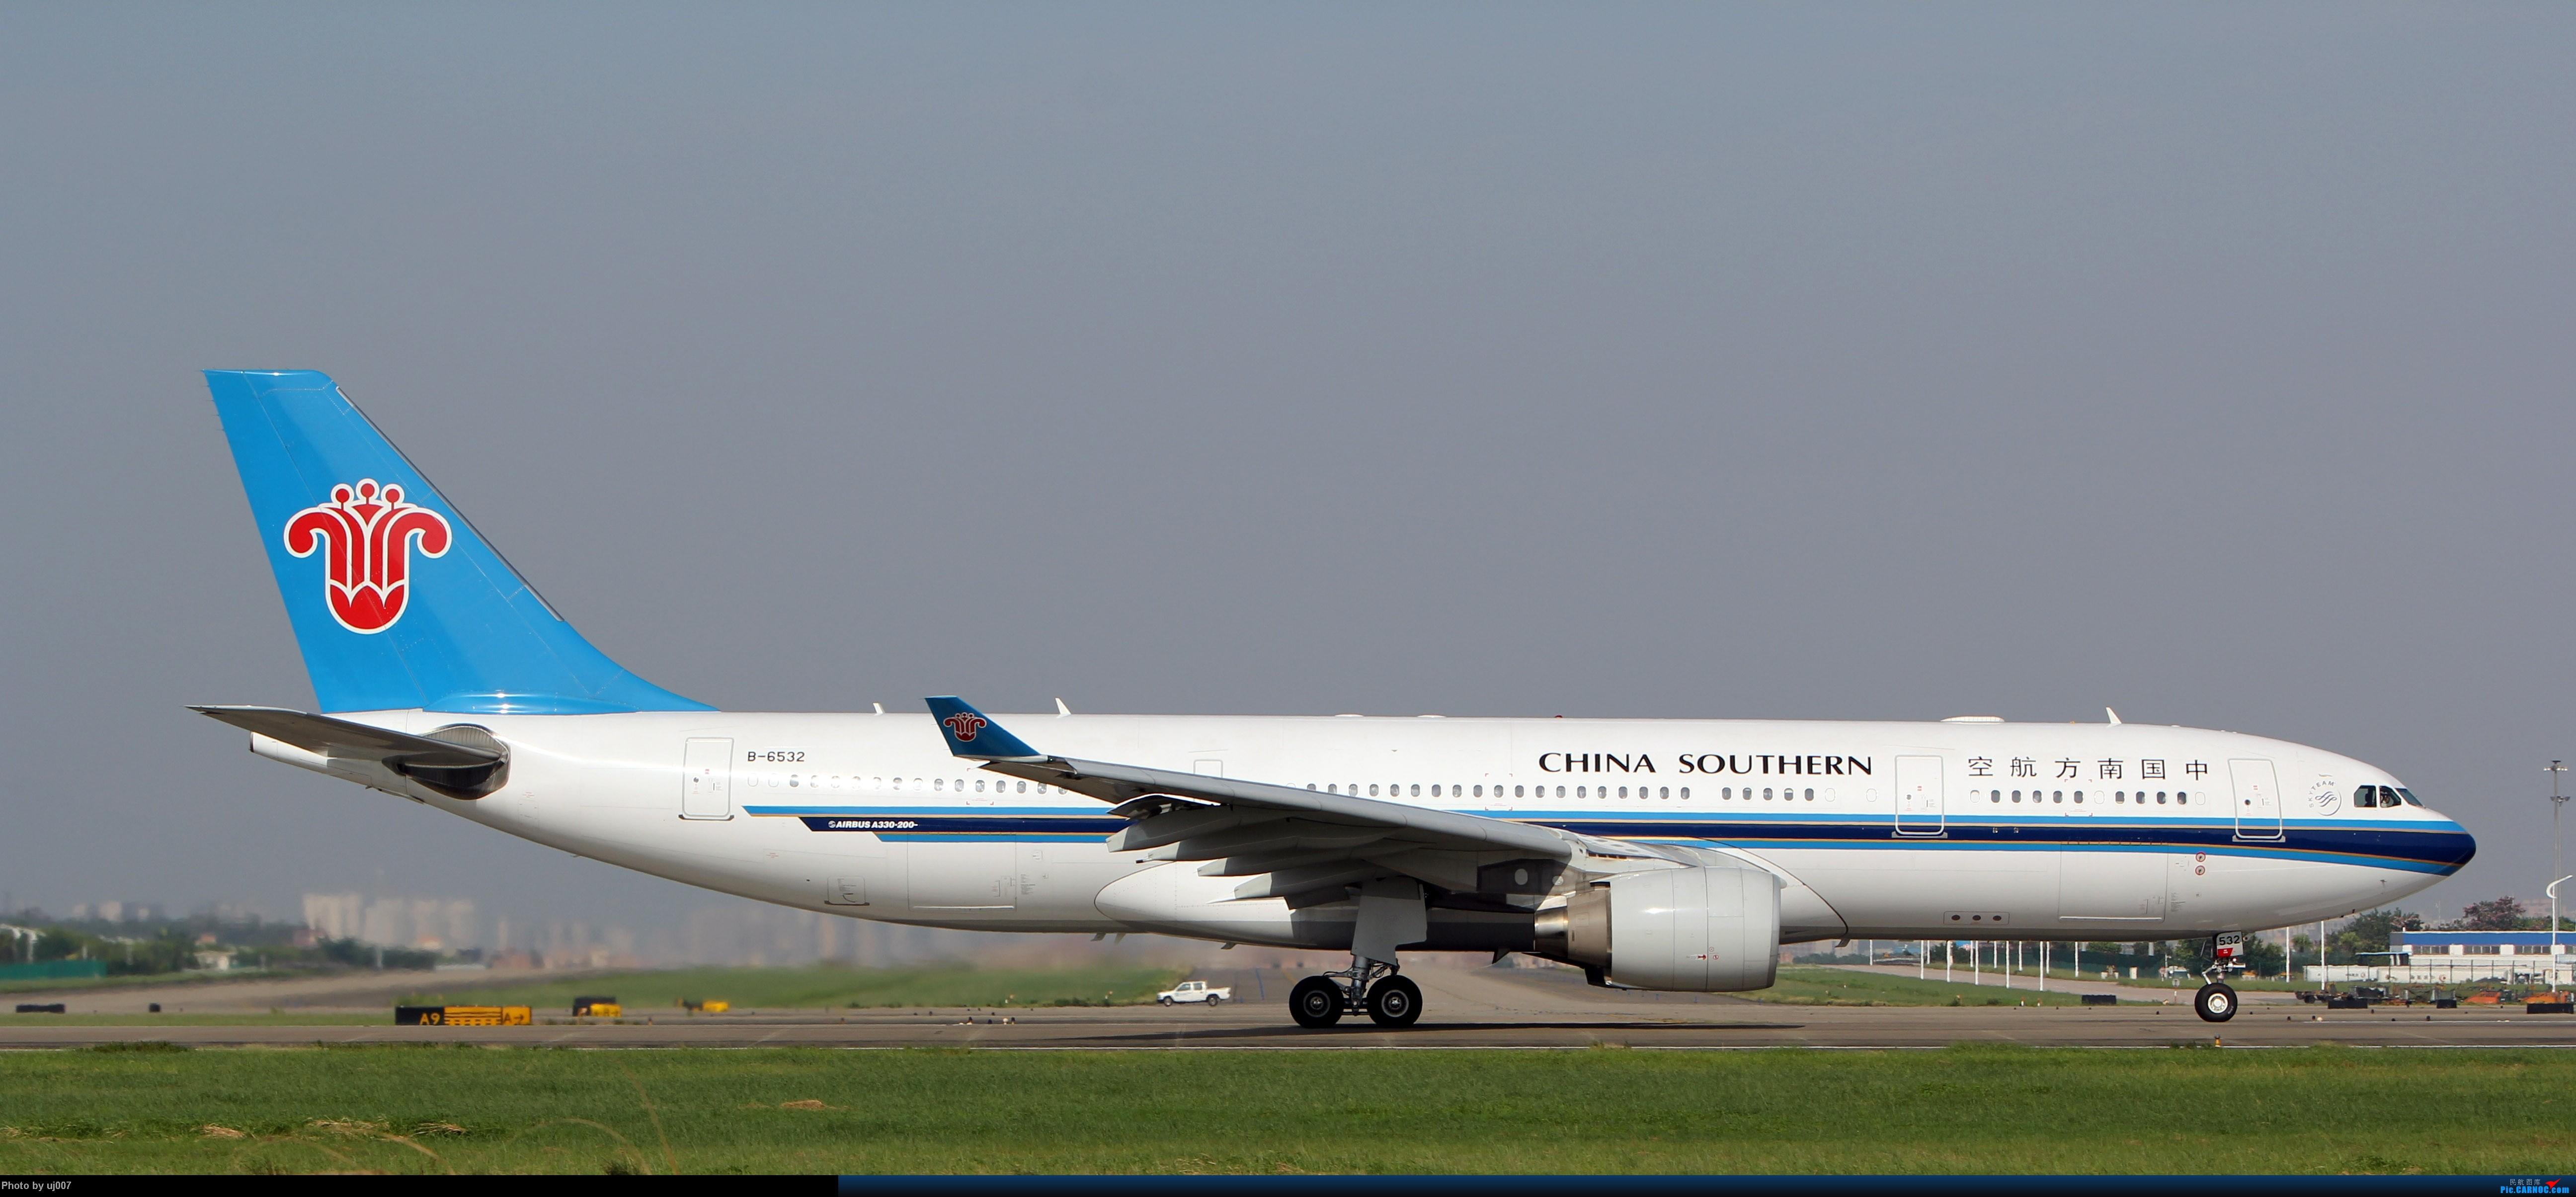 Re:[原创]10月2日白云拍机(大飞机,特别妆,外航,闪灯,擦烟)求指点. AIRBUS A330-200 B-6532 广州白云国际机场